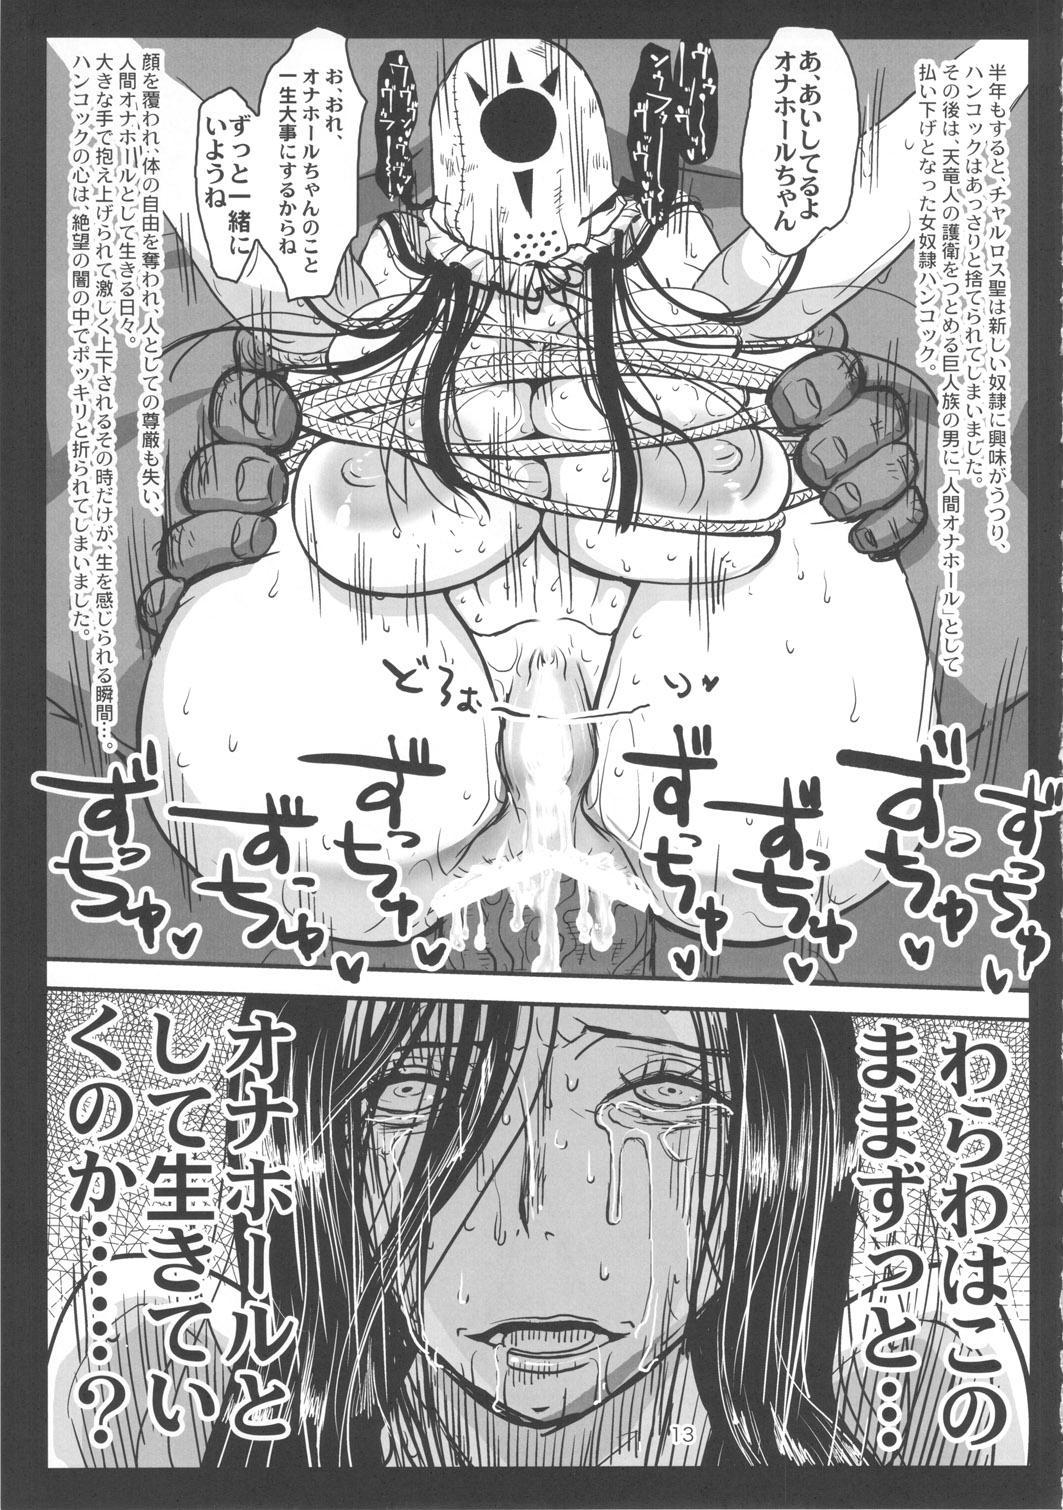 Metabolism-H Moto Dorei Kaizoku Jotei Hancock no Hanayome Shiyugyou 11